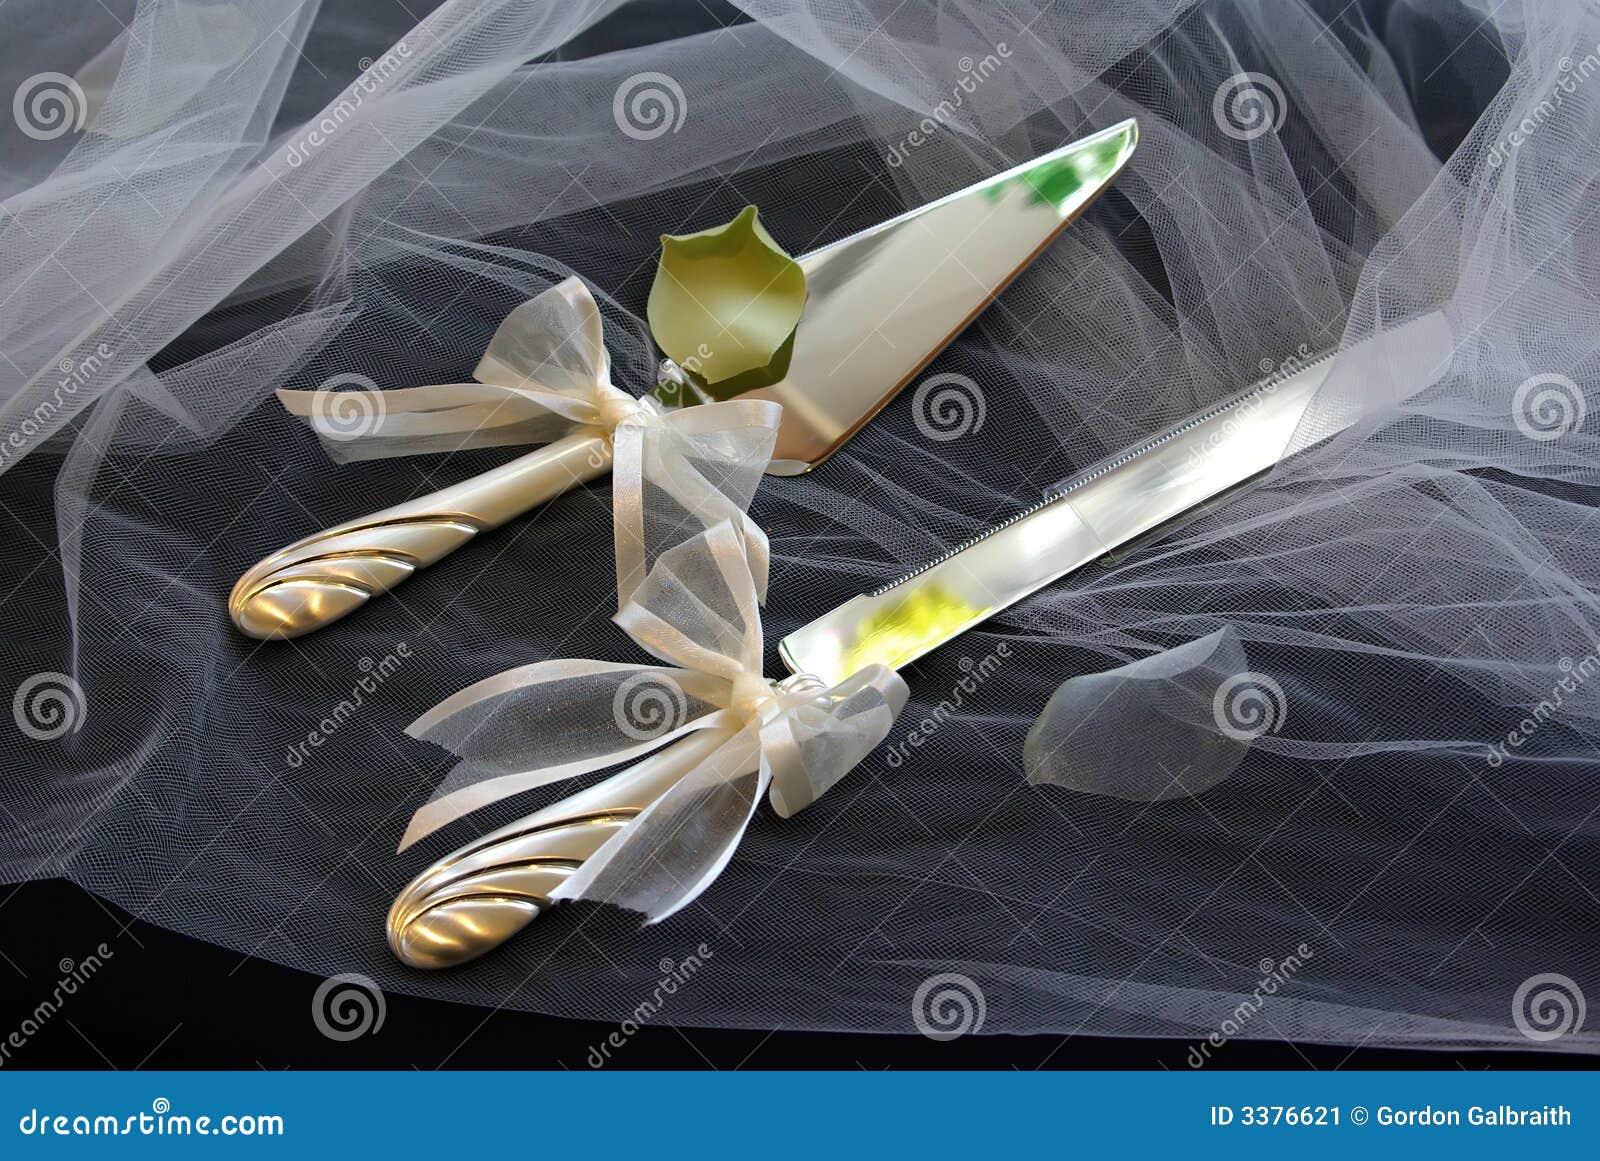 Knivserver